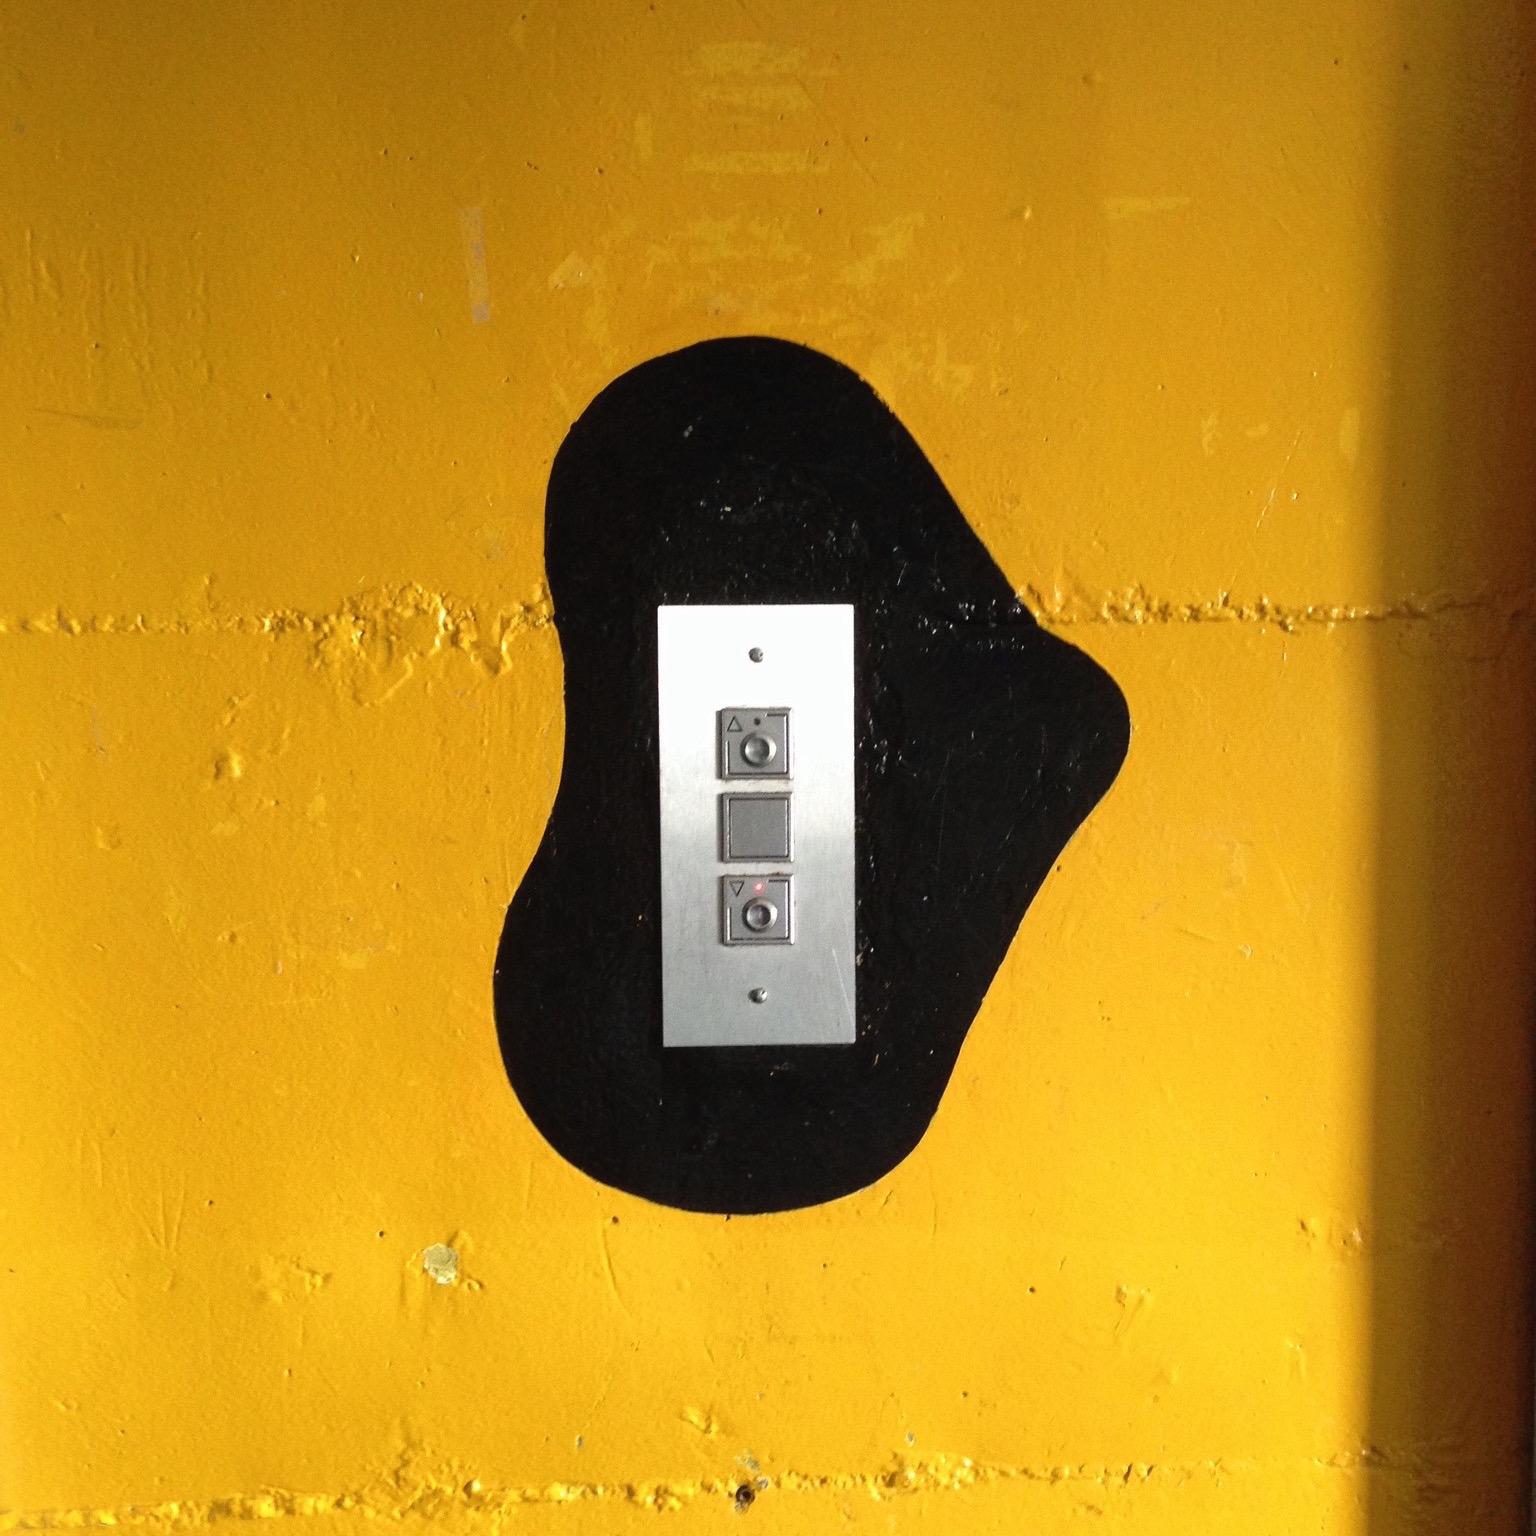 Les boutons d'appel de l'ascenseur sont cerclés d'une tâche noir qui se détache d'un mur jaune vif.